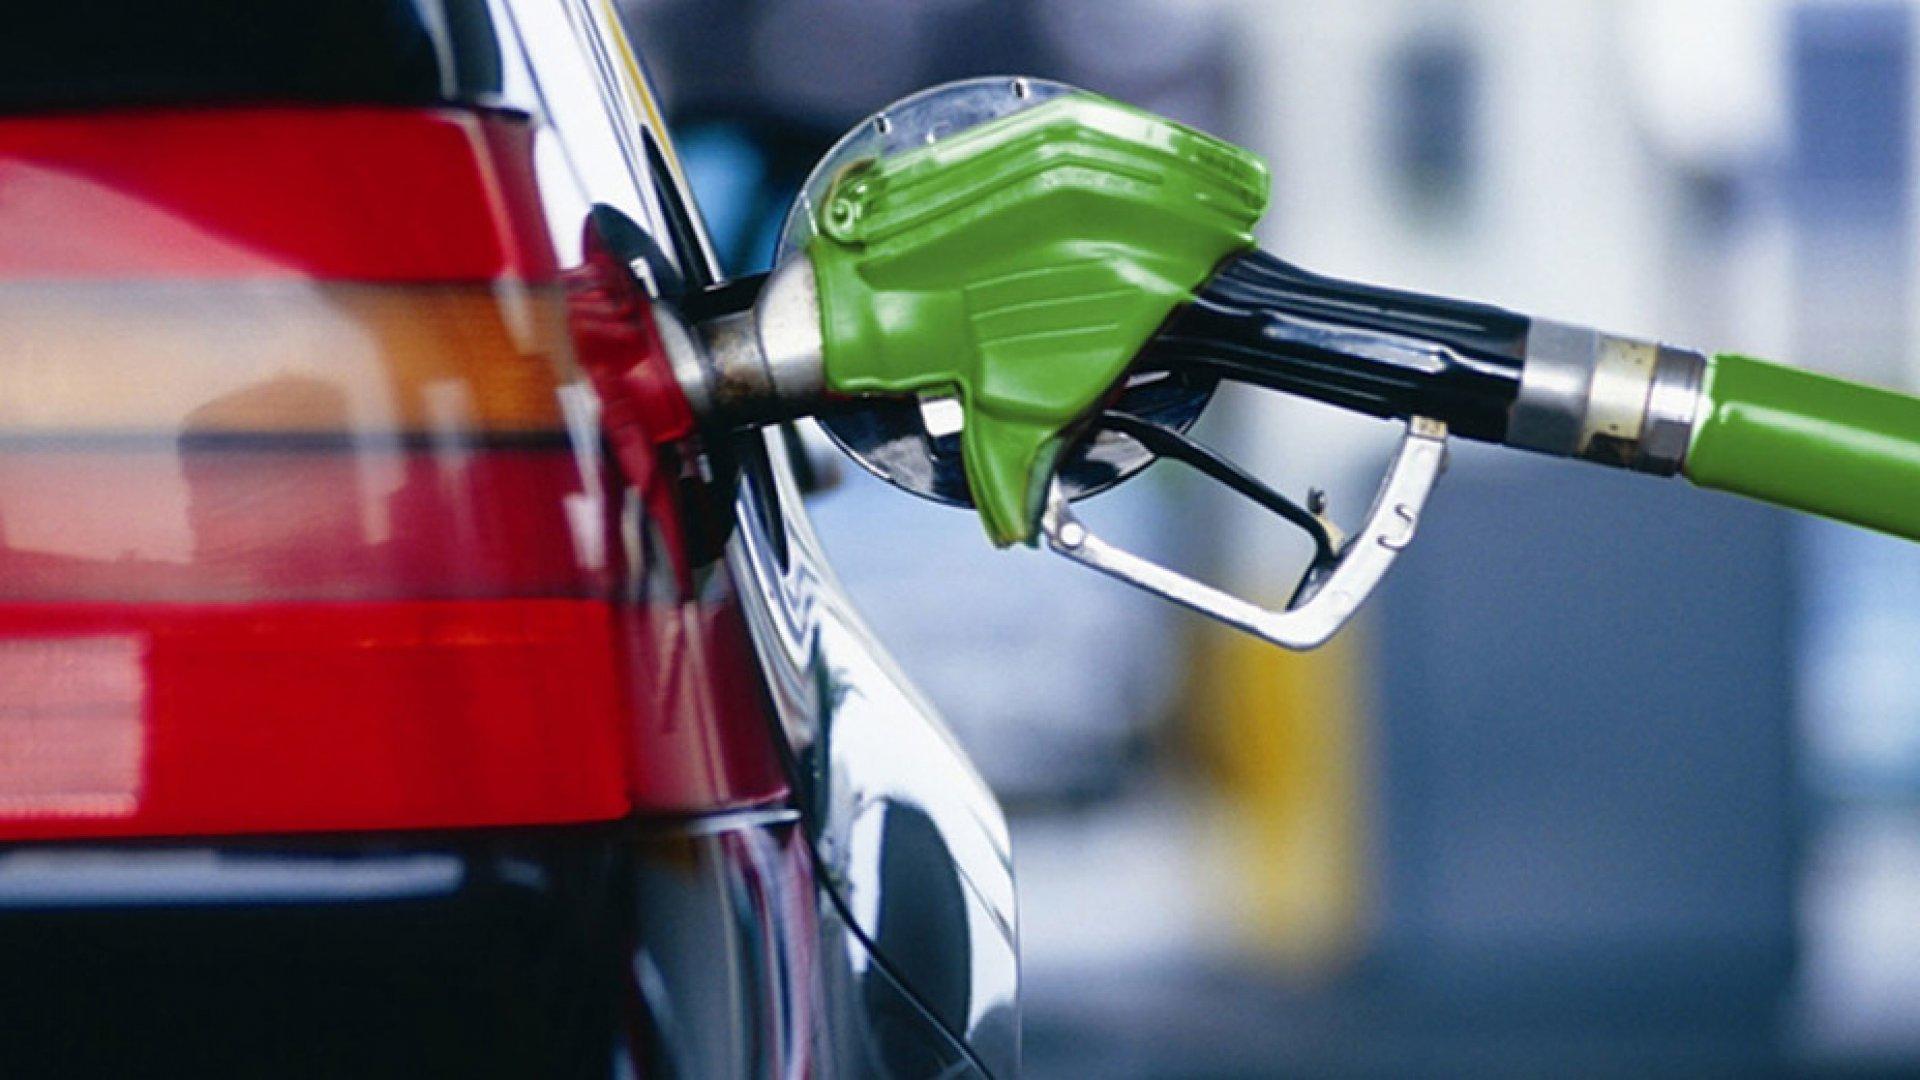 Боротьба з контрафактним паливом: у ДФС розказали про найпопулярніші сірі схеми (ВІДЕО)